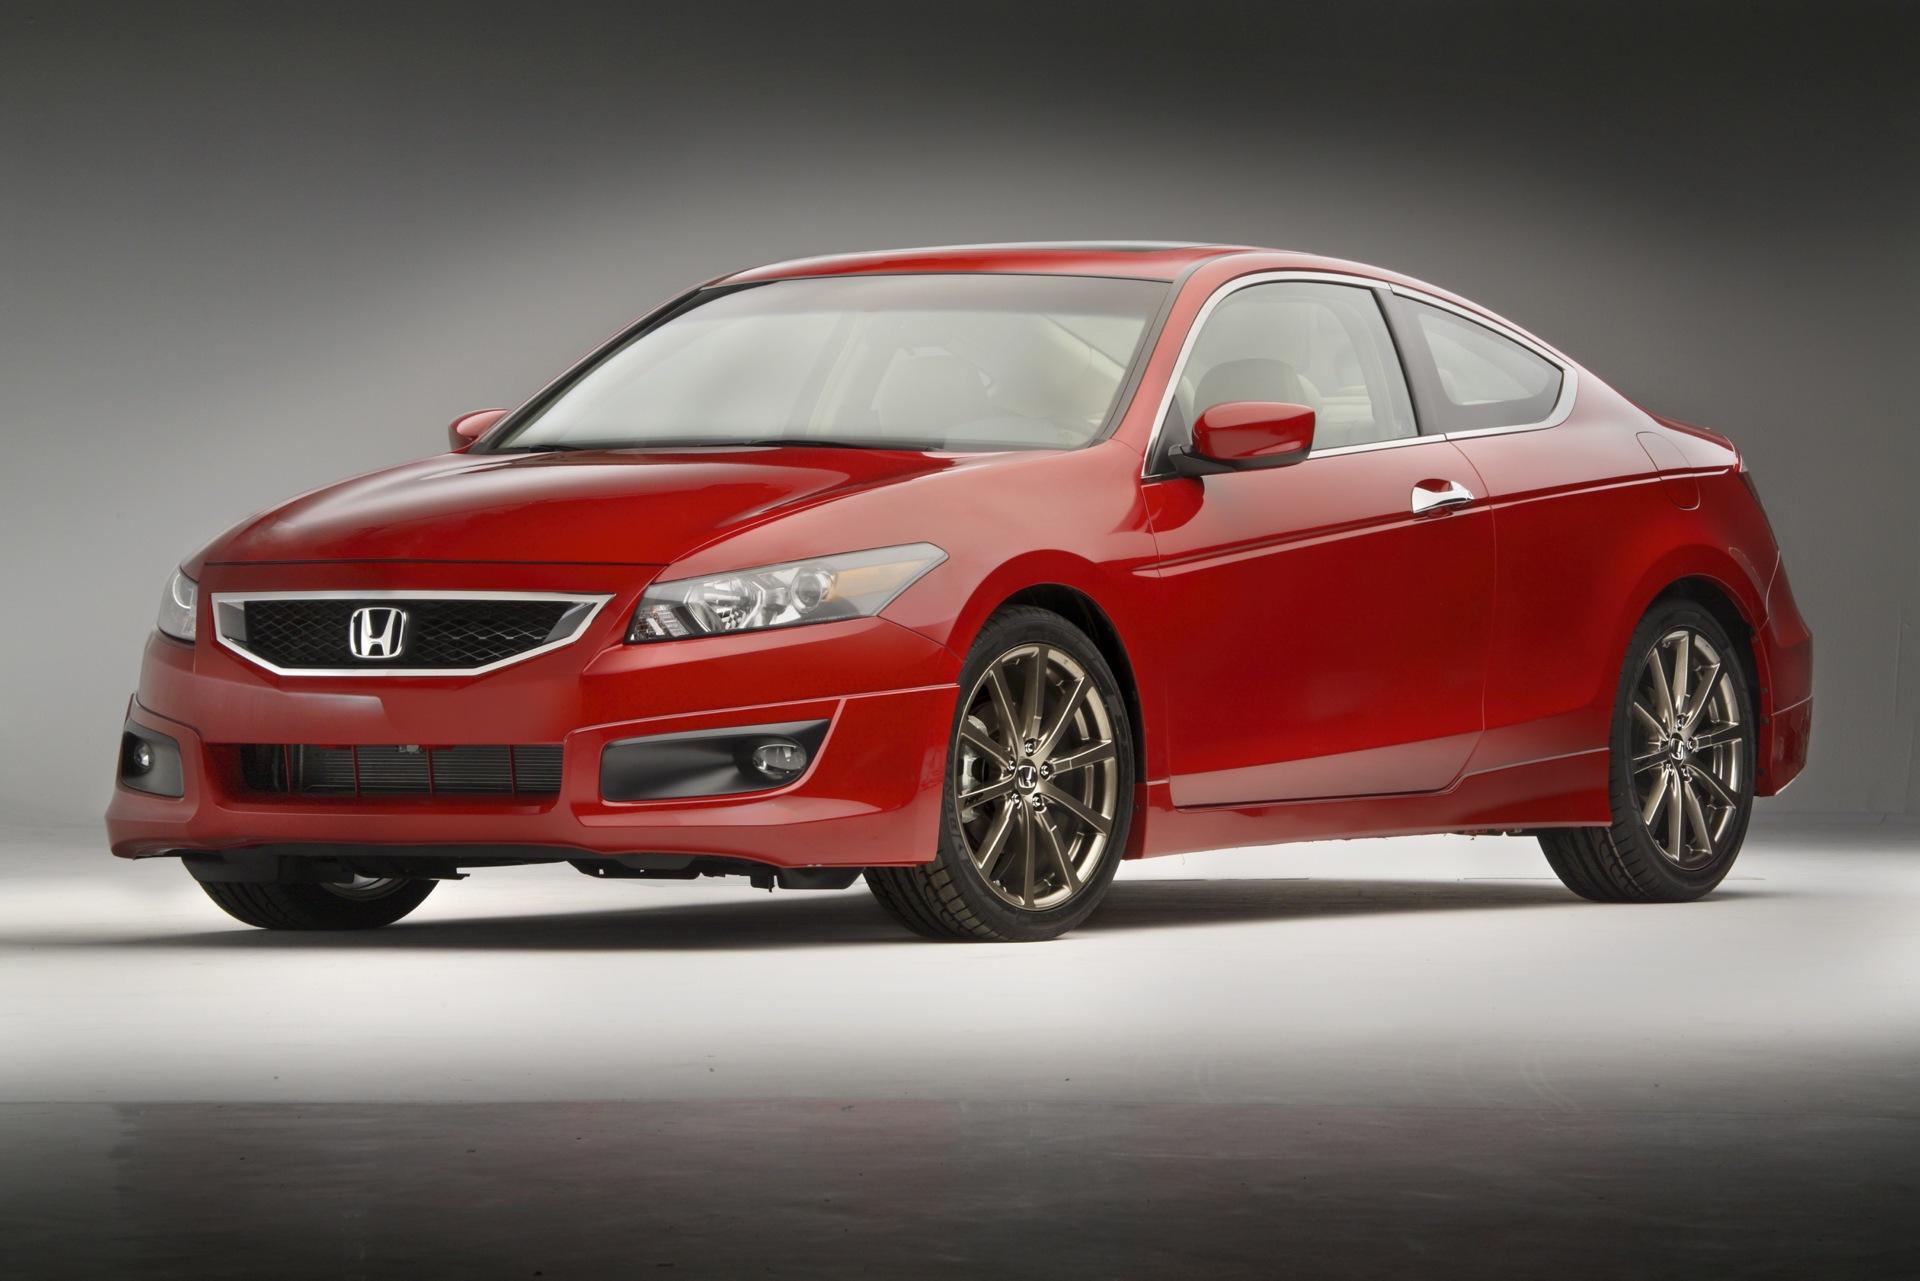 2008 Honda Accord News and Information